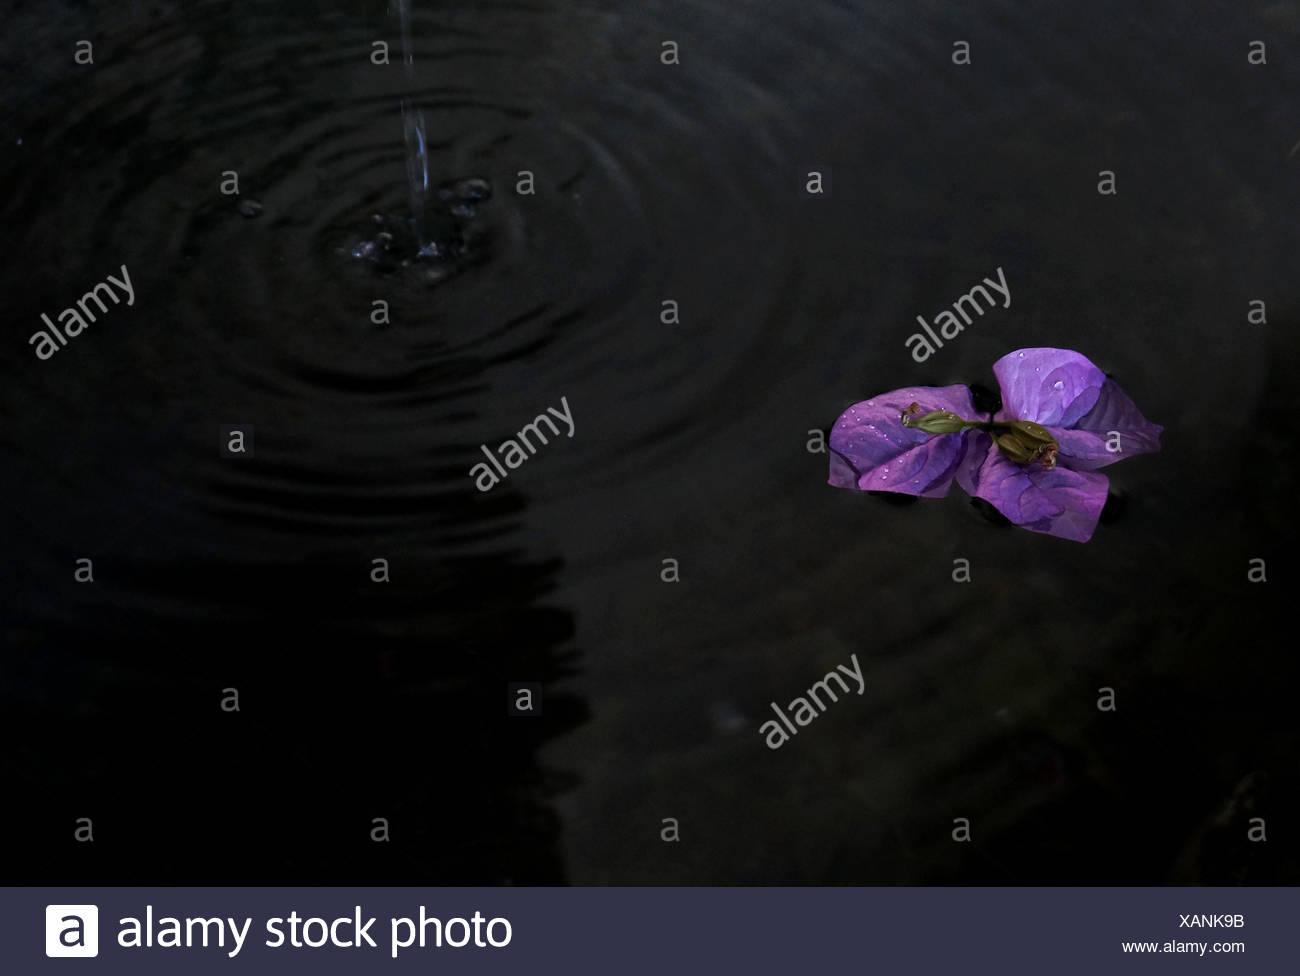 Un alto ángulo de vista de Flor morada en el estanque Imagen De Stock